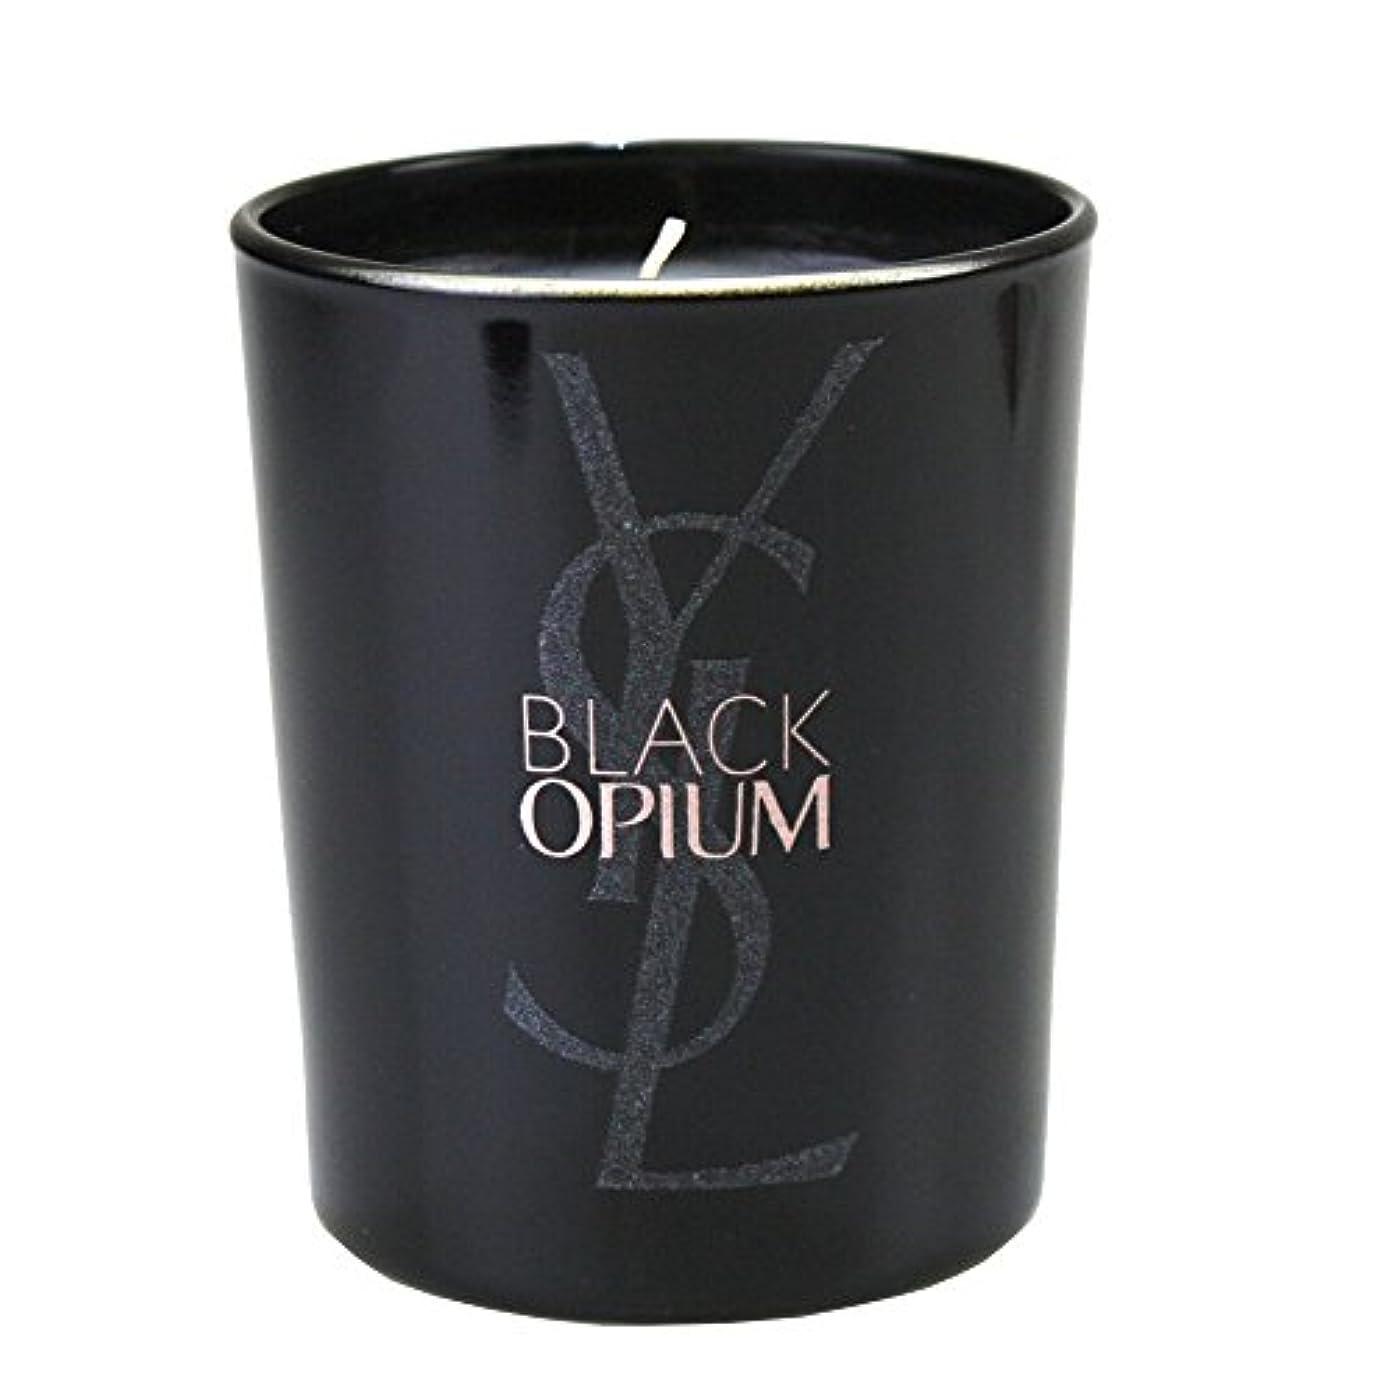 物語小説家とらえどころのない(イヴ サンローラン) Yves saint Laurent アロマキャンドル パリジェンヌ BLACK OPIUM 化粧 メイク コスメ ロゴ 黒 ブラック フルーティー フローラル コーヒー ジャスミンティーペタル